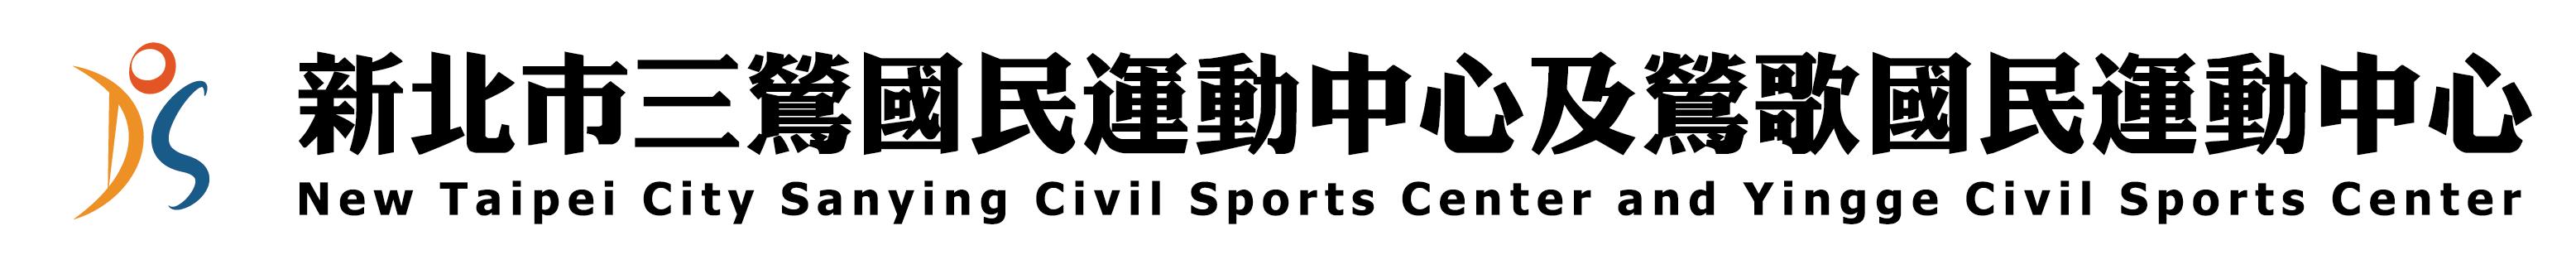 新北市三鶯國民運動中心及鶯歌國民運動中心logo